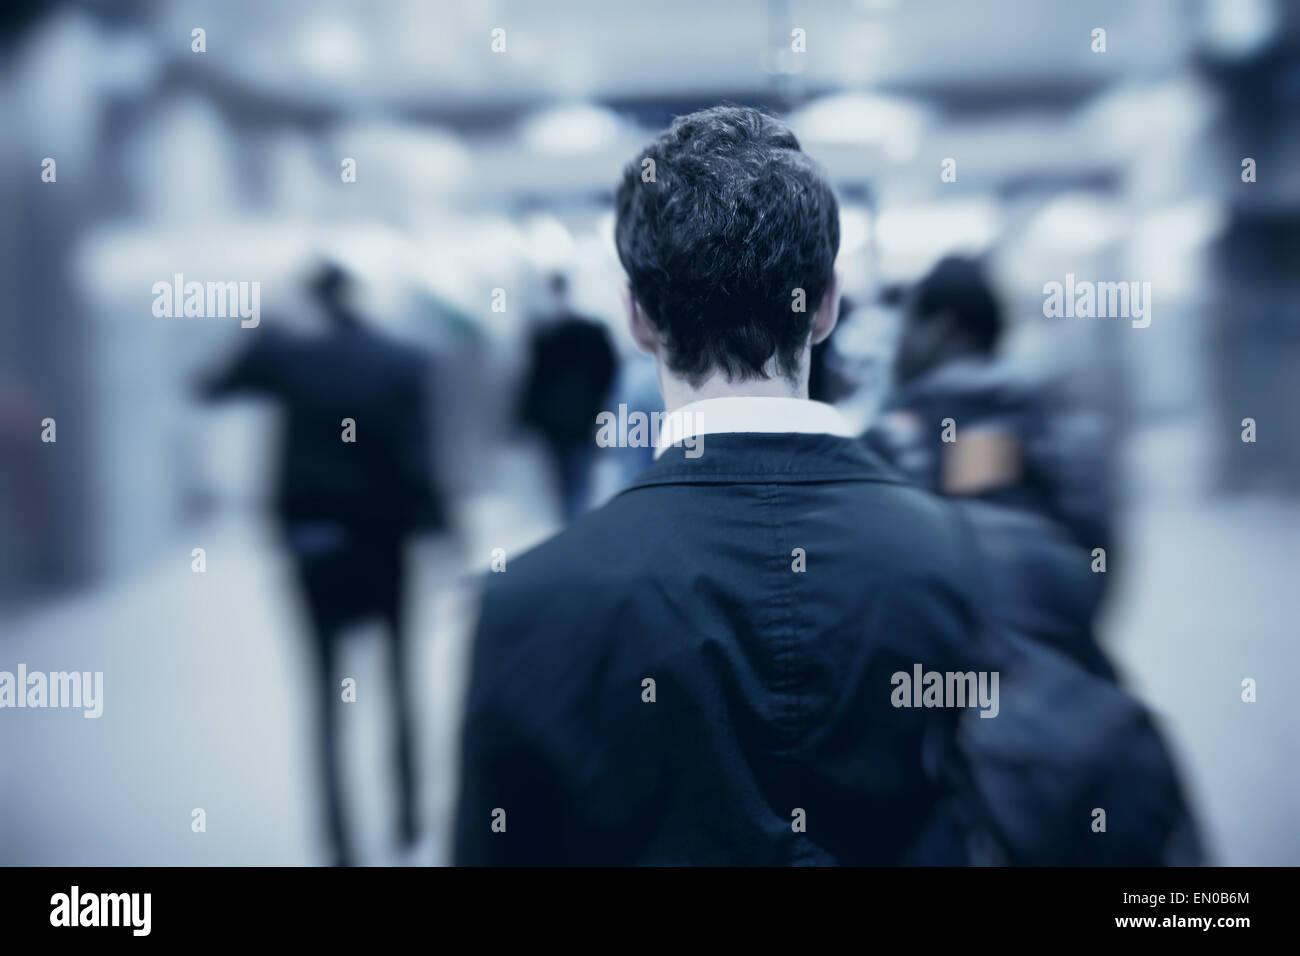 Persone che camminano in metro, offuscata motion, retro dell'uomo Immagini Stock